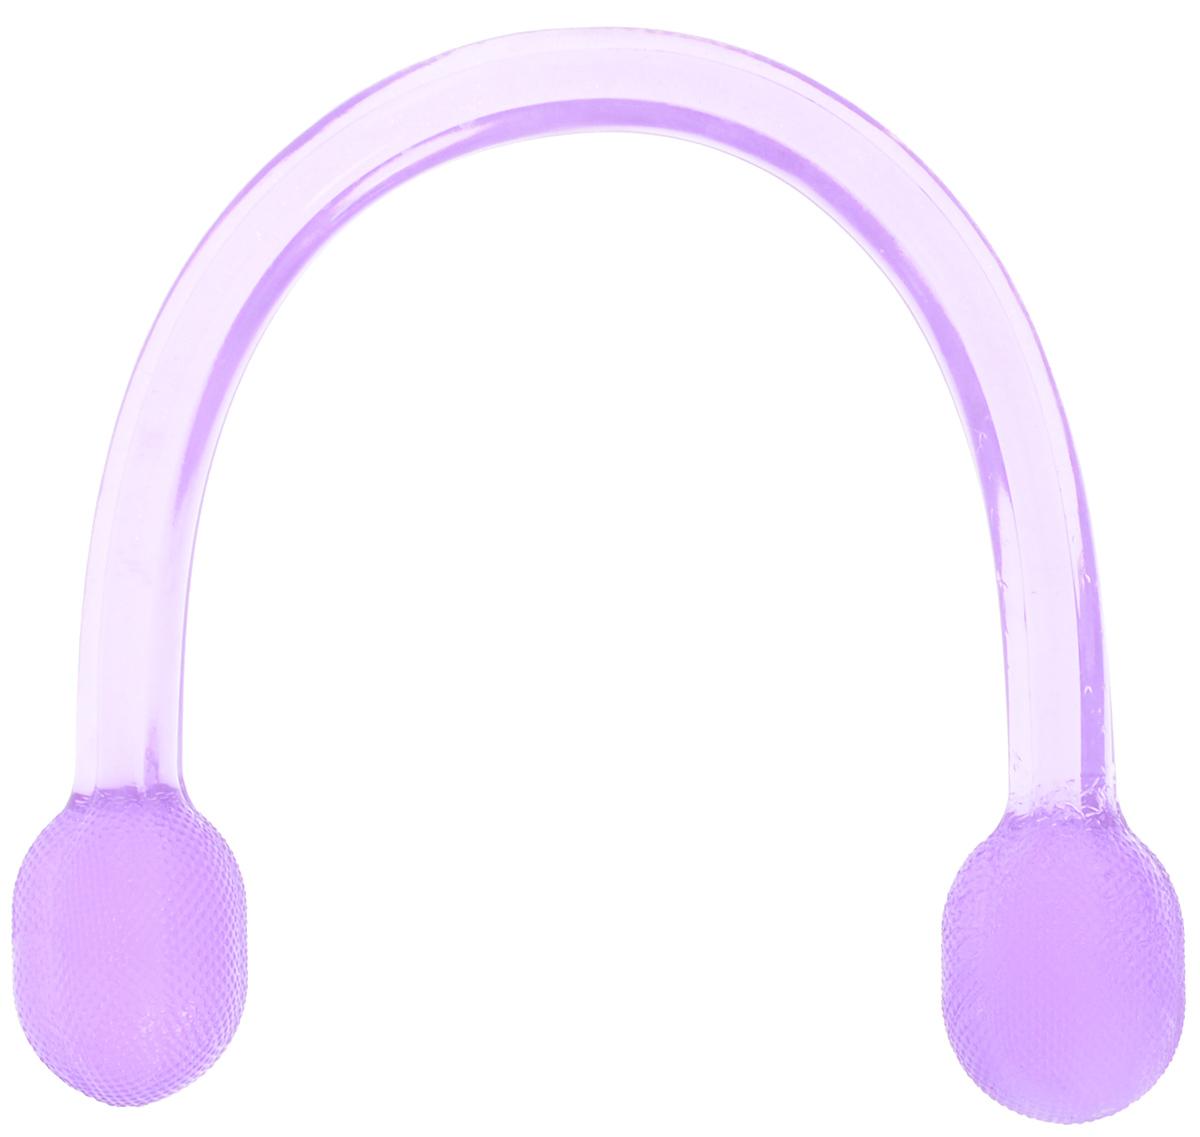 Эспандер плечевой Star Fit, цвет: фиолетовыйУТ-00008667Эспандер плечевой ES-103 резиновый - это эспандер плечевой Star Fit. Предназначен для тренировки мышц спины, дельтовидных мышц, мышц рук, грудной клетки. Характеристики: Конструкция: цельная Материал: ПВХ Длина, см: 36 Цвет: фиолетовый Количество в упаковке, шт: 1 Производство: КНР